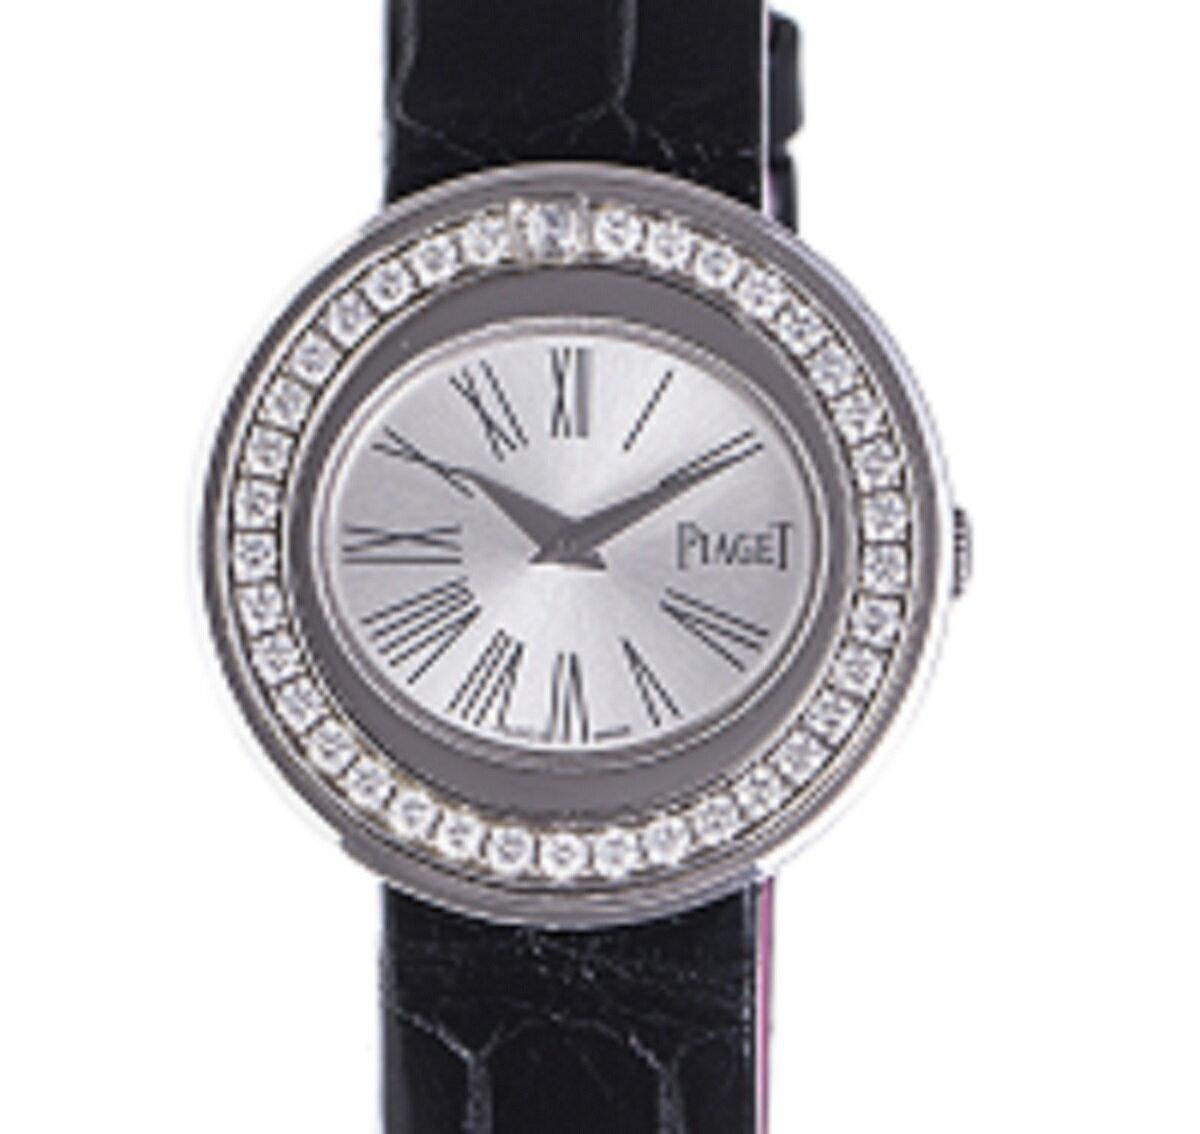 PIAGET ピアジェ ポセション 腕時計 ベゼルダイヤ WG ホワイトゴールド Qz クォーツ 替えベルト付き 送料無料 【トレジャースポット】【中古】